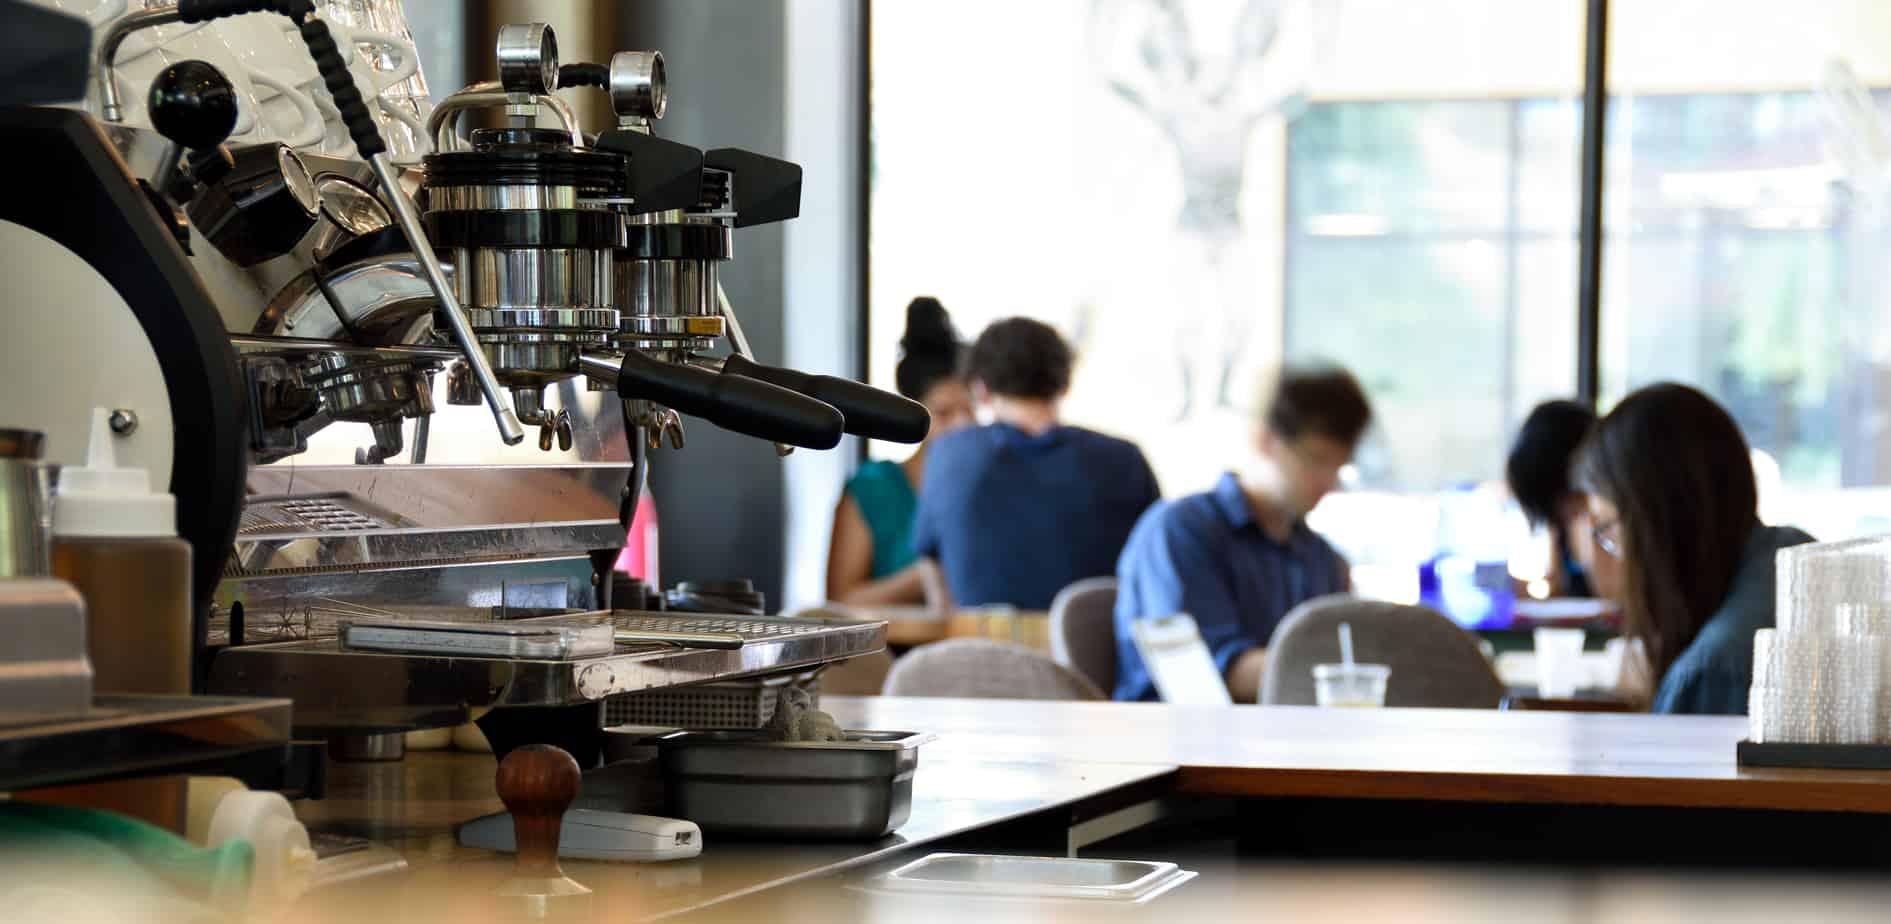 Espresso Machine in a Busy Small Coffee Shop